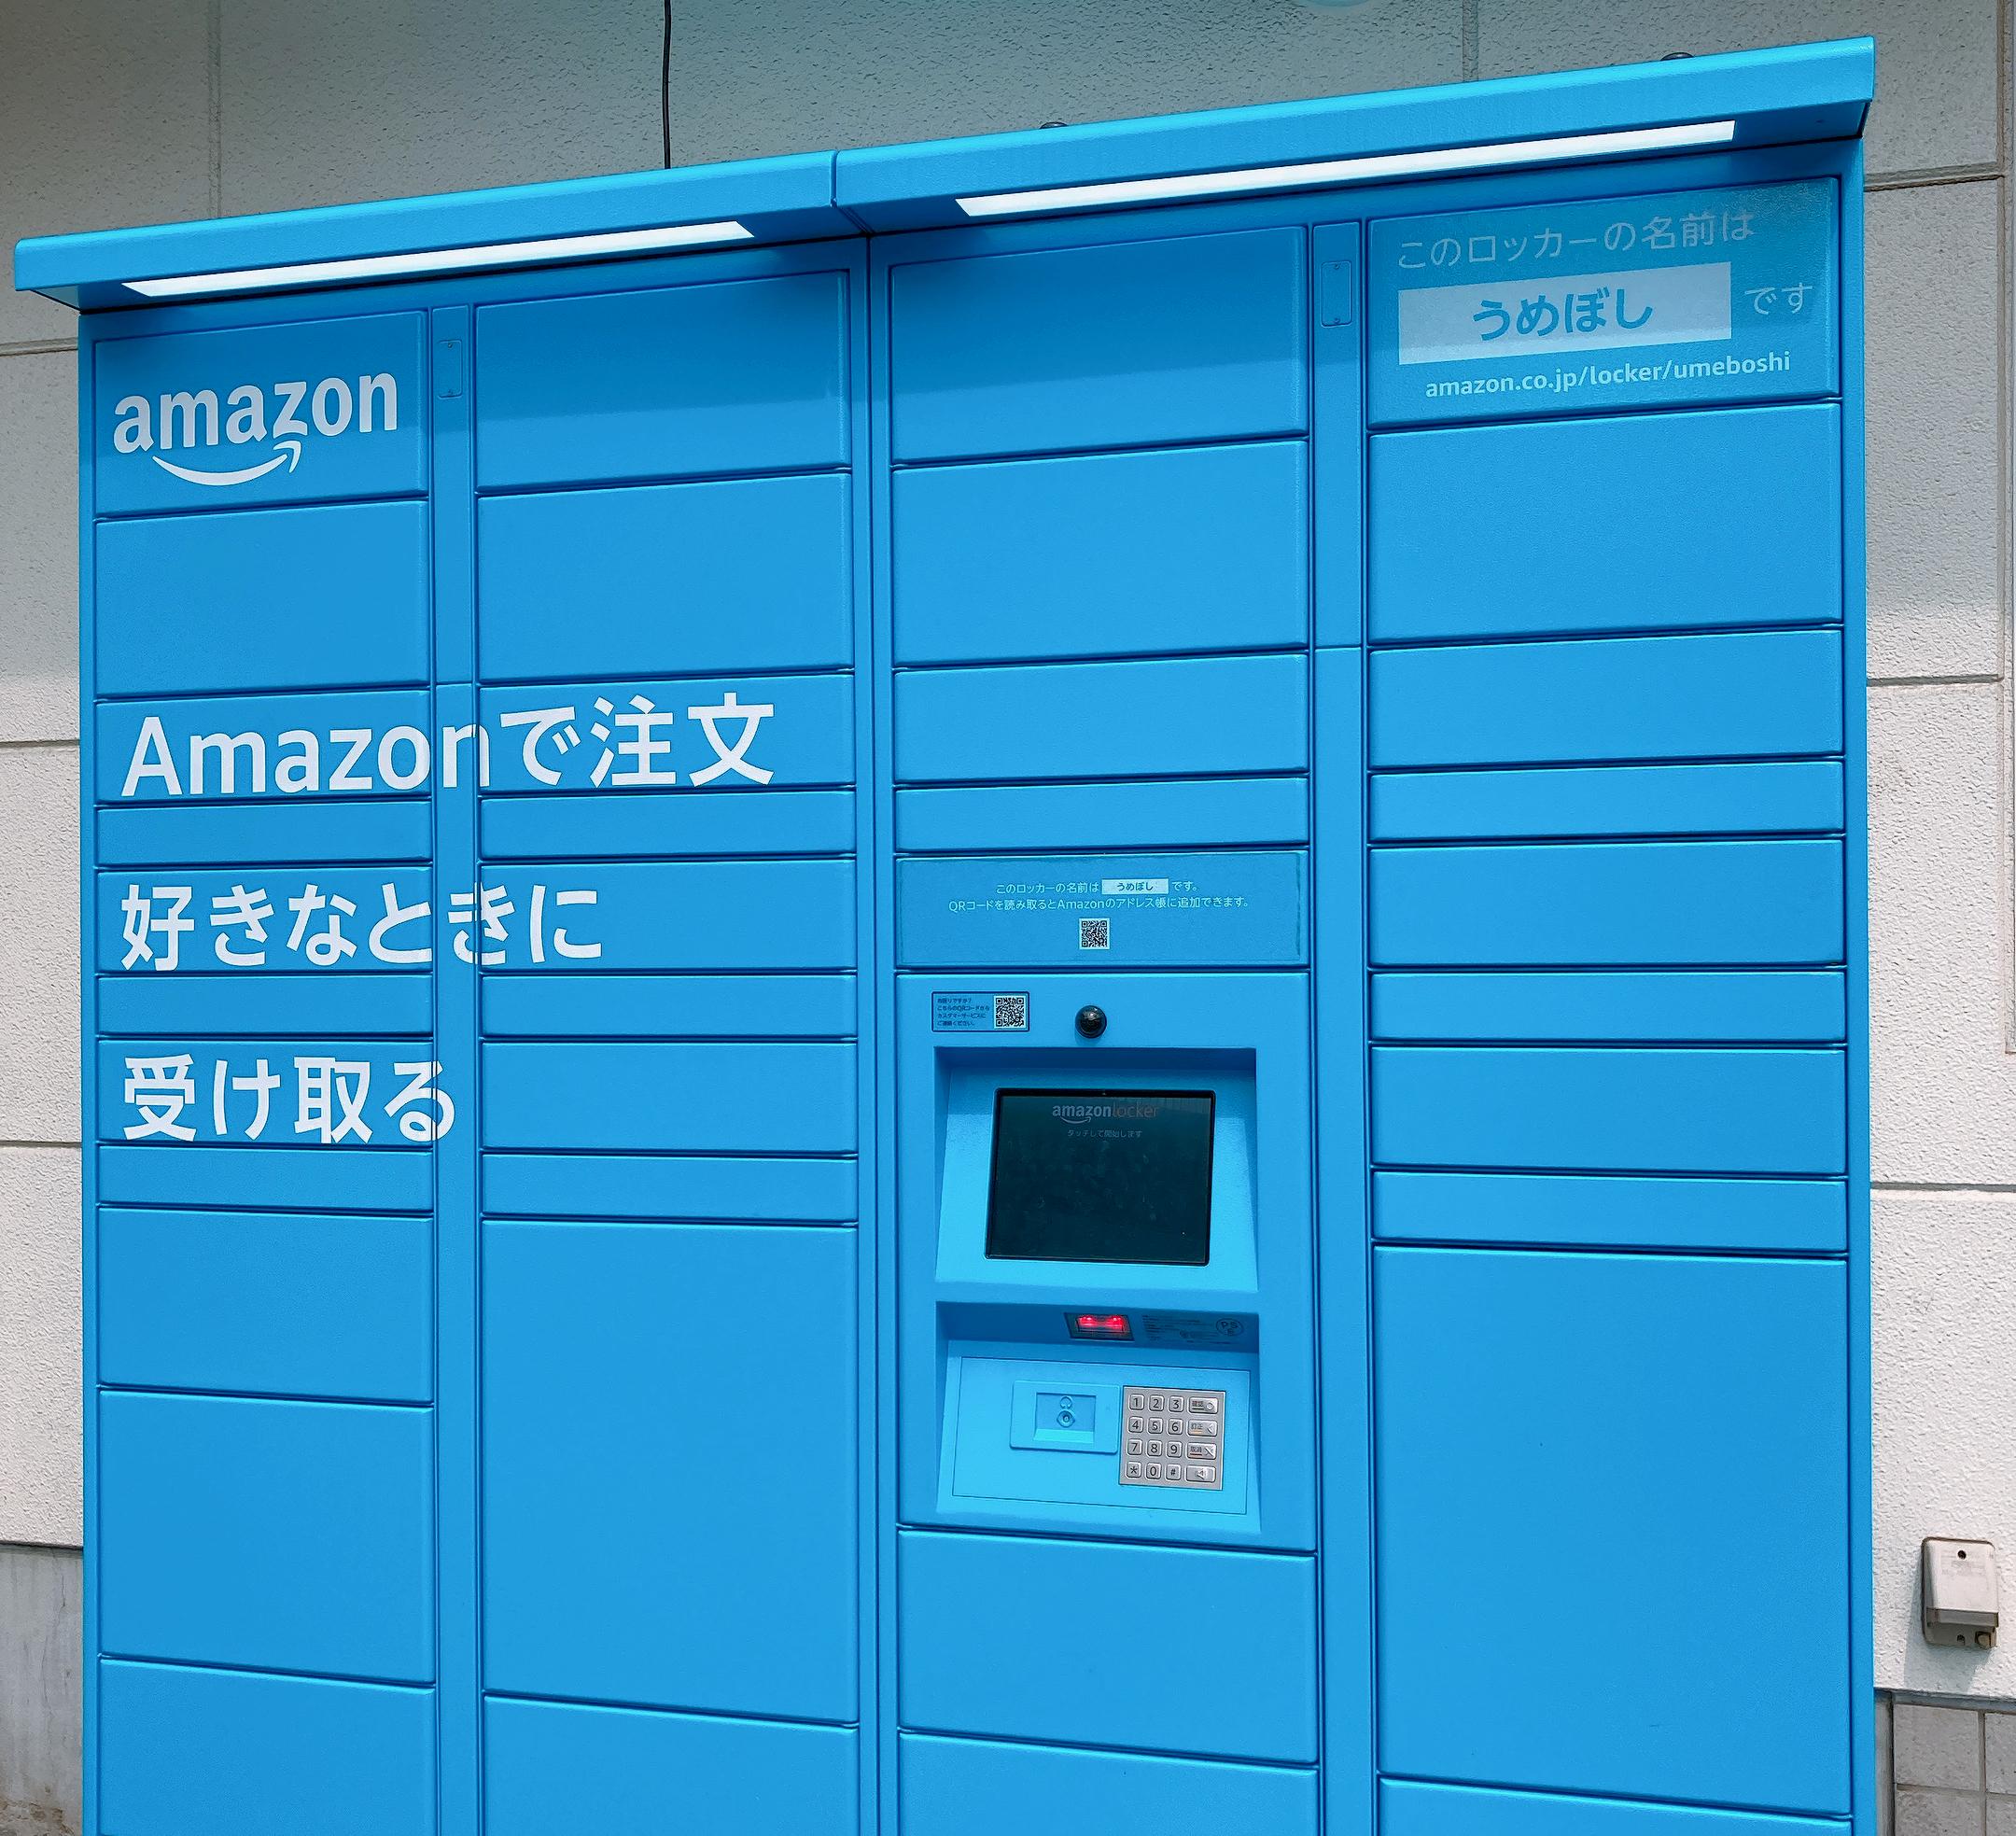 ロッカー アマゾン ハブ 「アマゾンハブロッカーとカウンター」の使い方を紹介!導入場所とメリットも調べてみた!